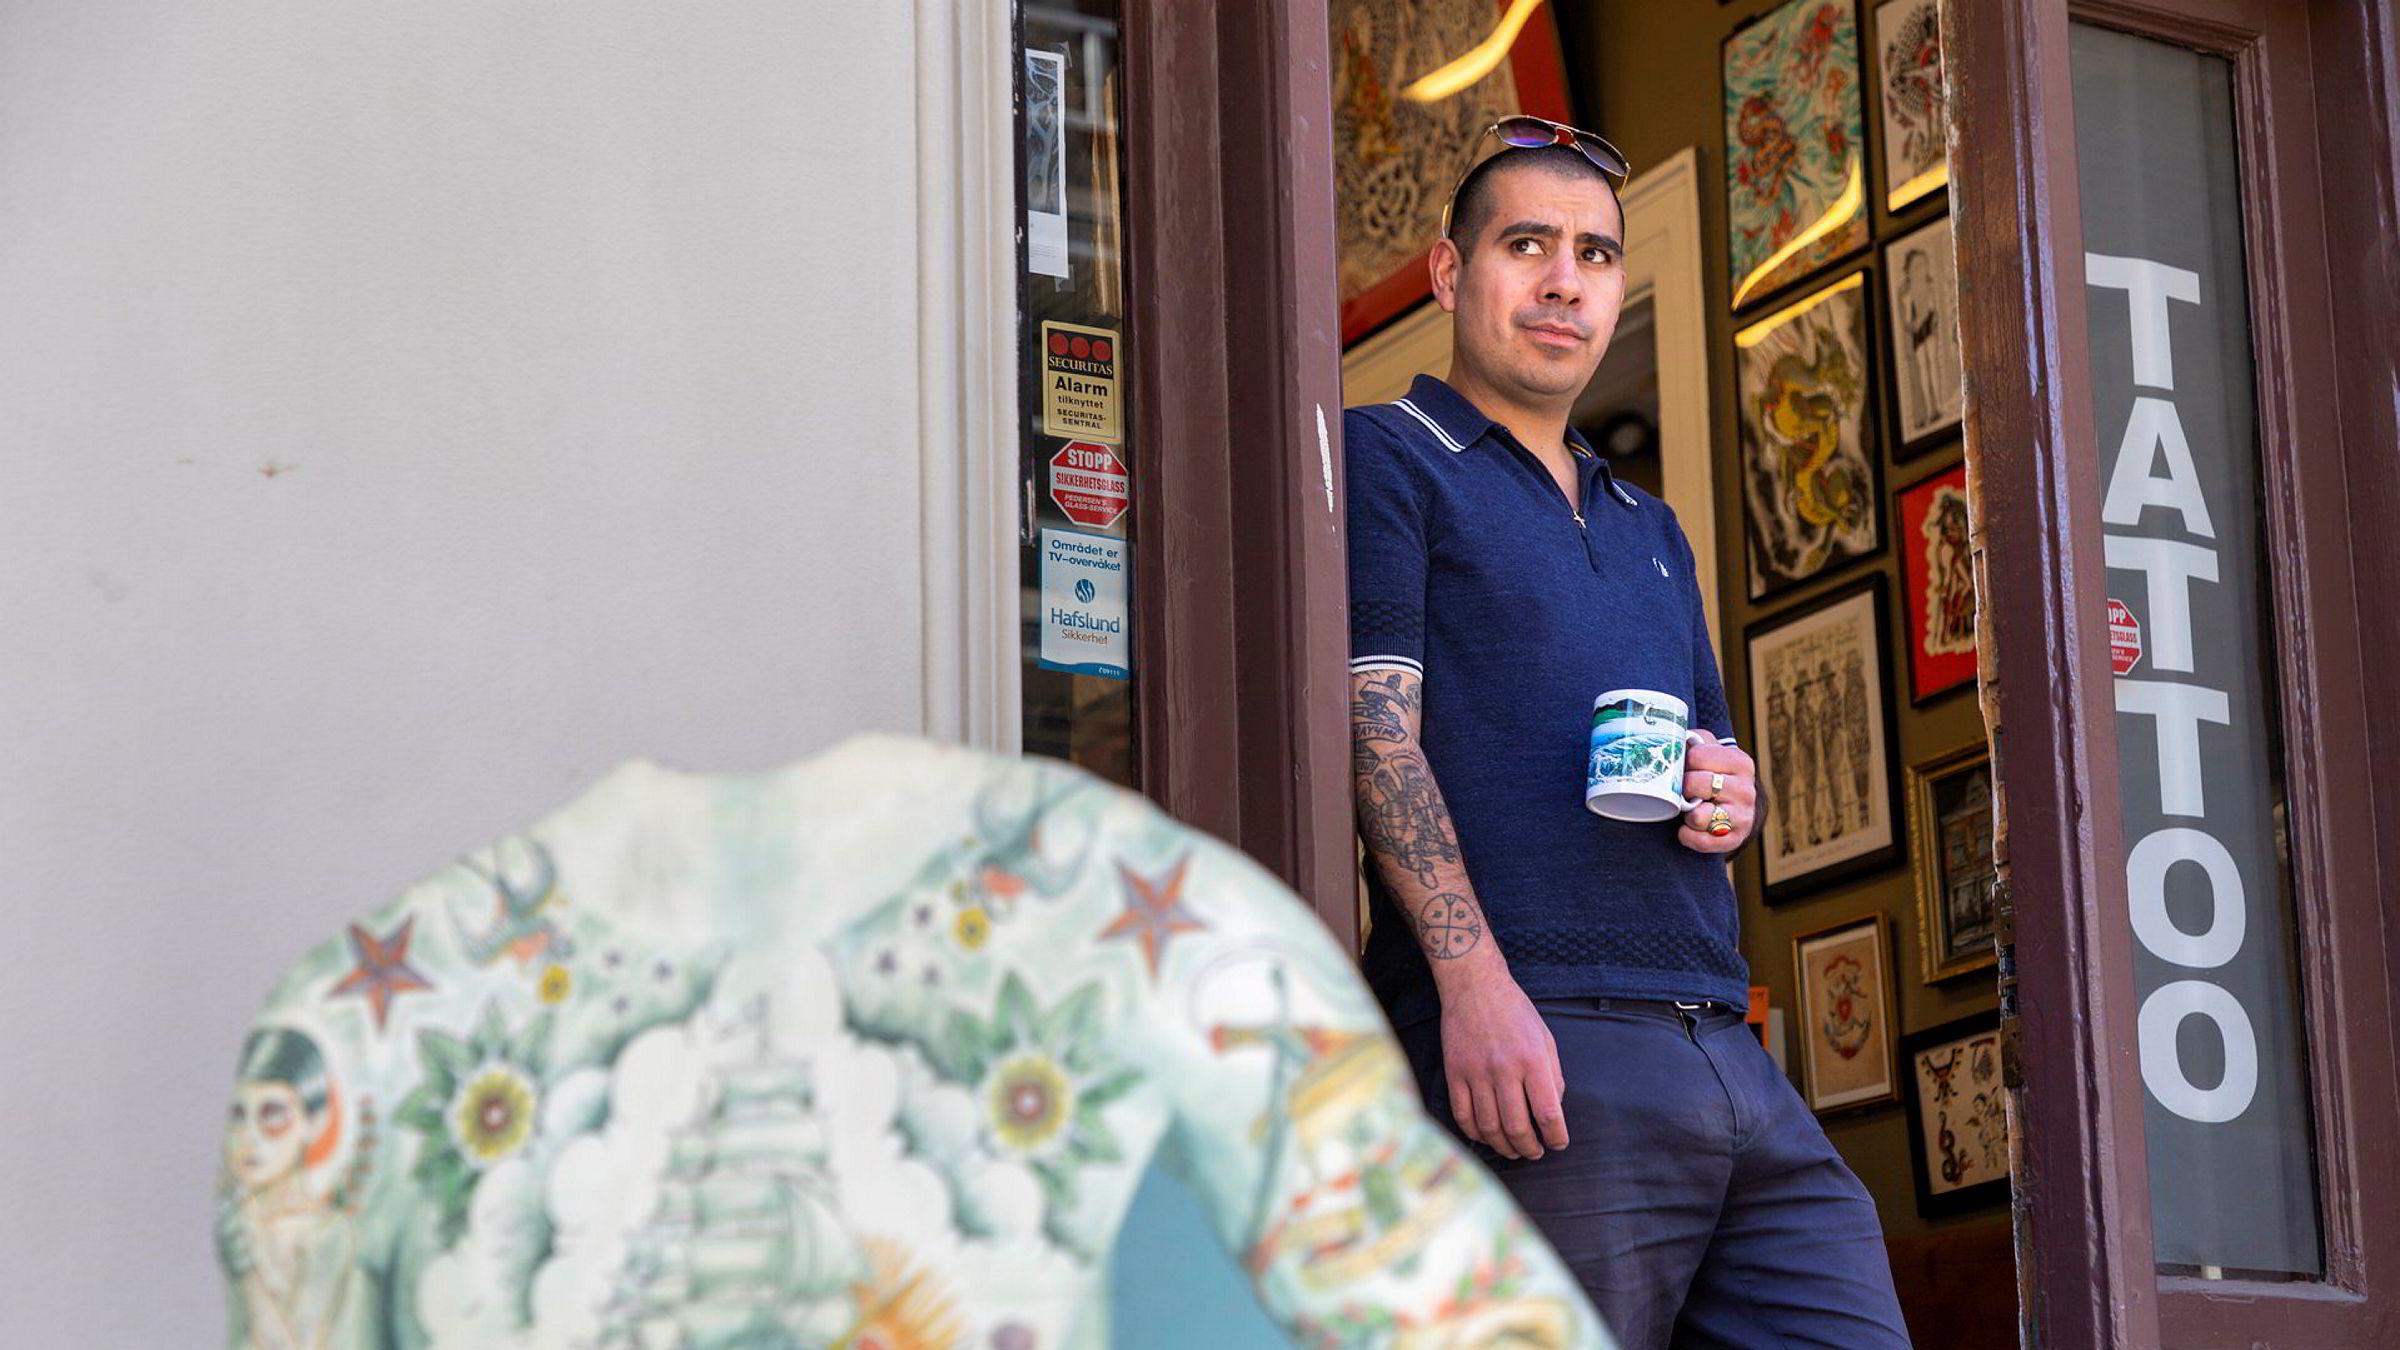 Dinson Purcell venter på at kundene skal komme tilbake til hans tatoveringsstudio sentralt i Oslo.